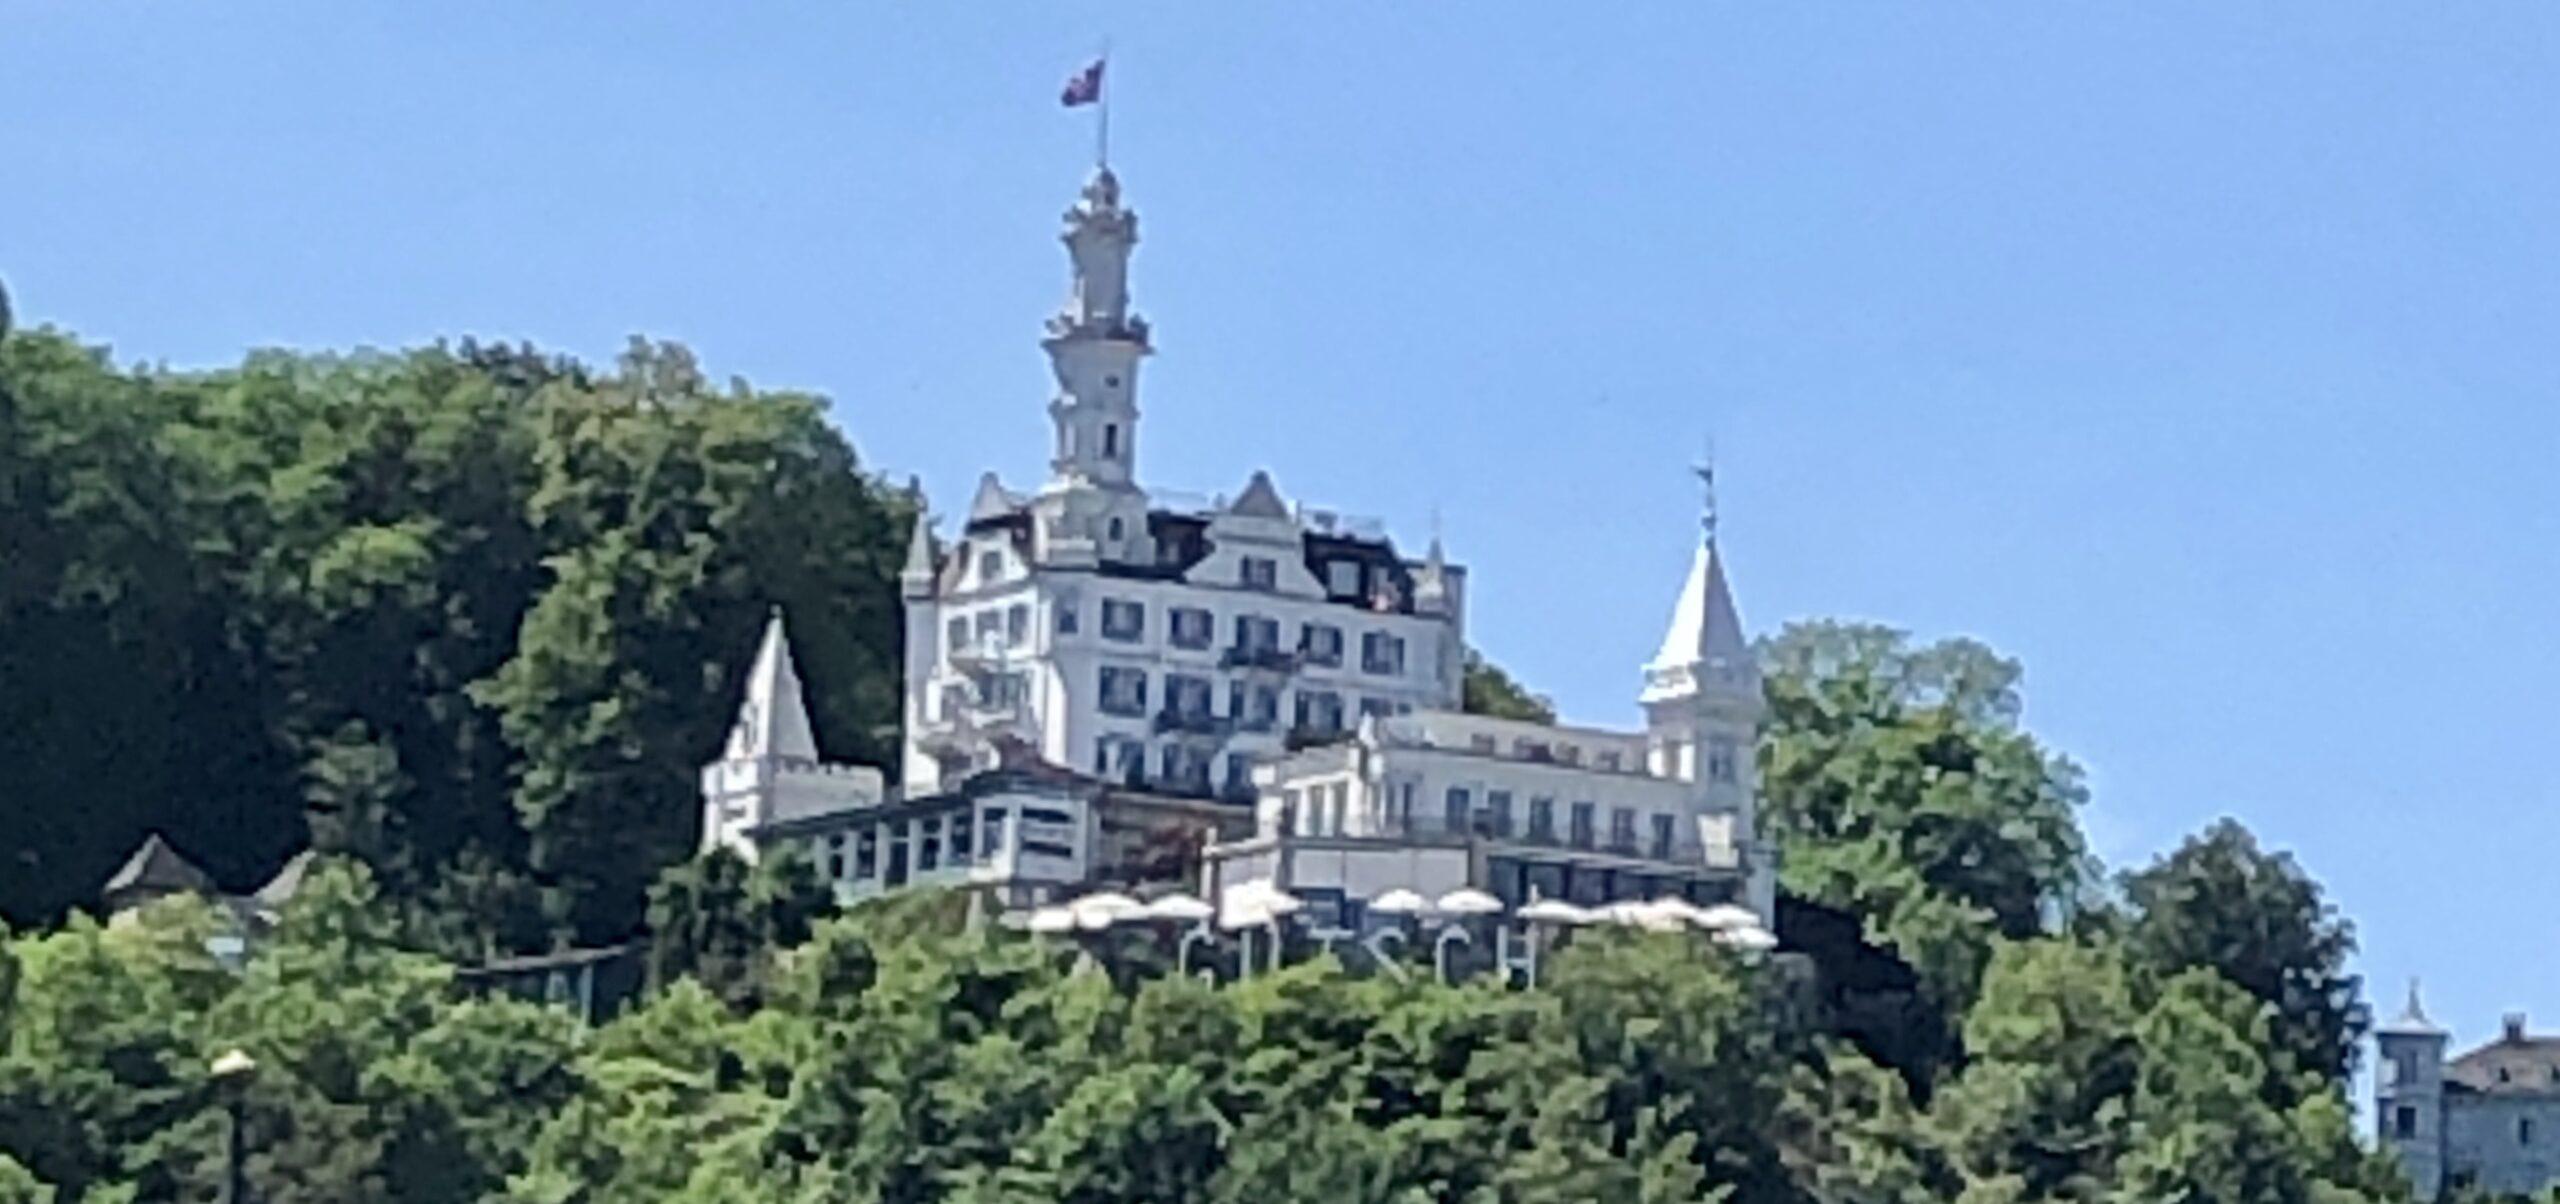 Luzern - Schweiz - Chateaux Gütsch